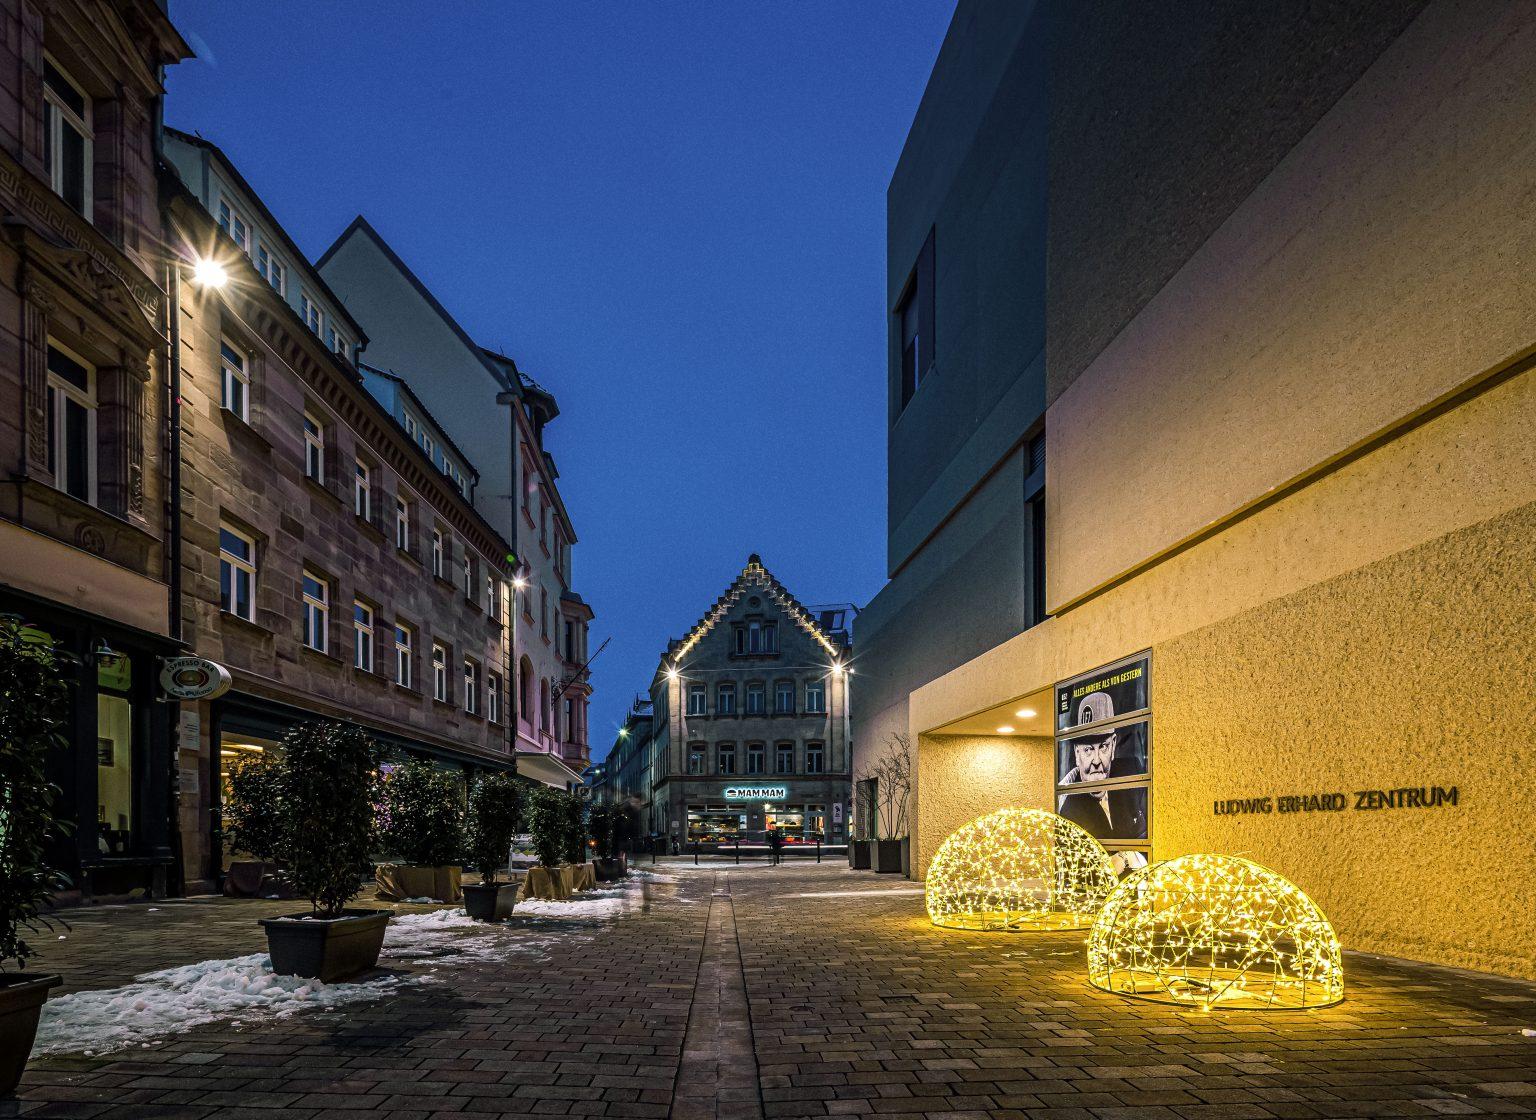 Weihnachtsbeleuchtung der Stadt Fürth, Deutschland